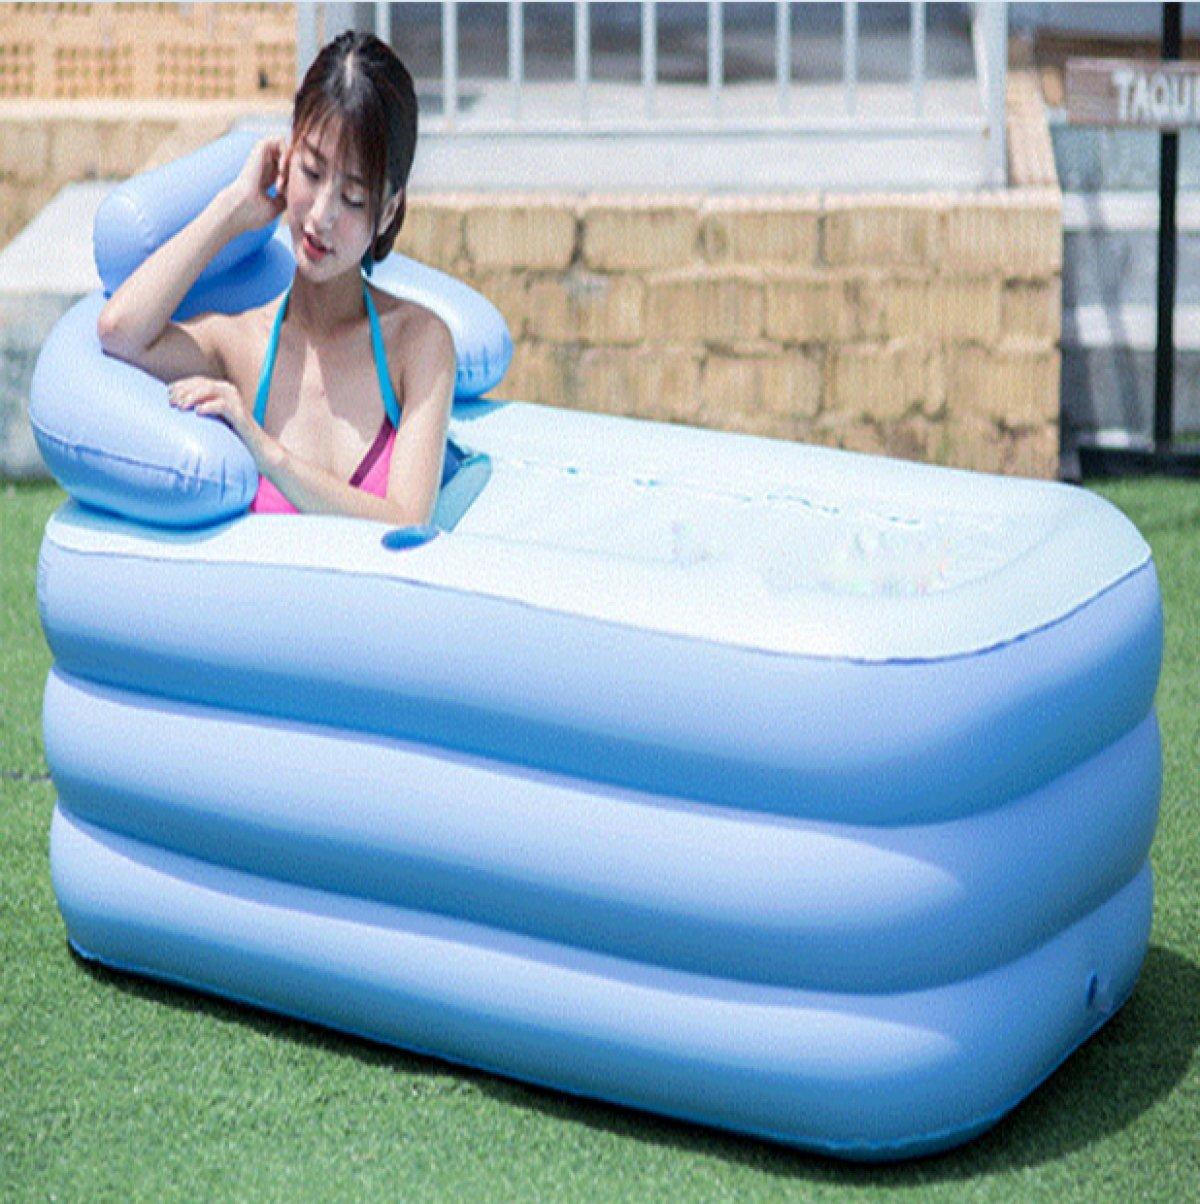 INFT Gefaltete Aufblasbare Badewanne Familie Erwachsene Badewanne Abnehmbare Kinder Badewanne,LargeBlau-ClipCottonBottom